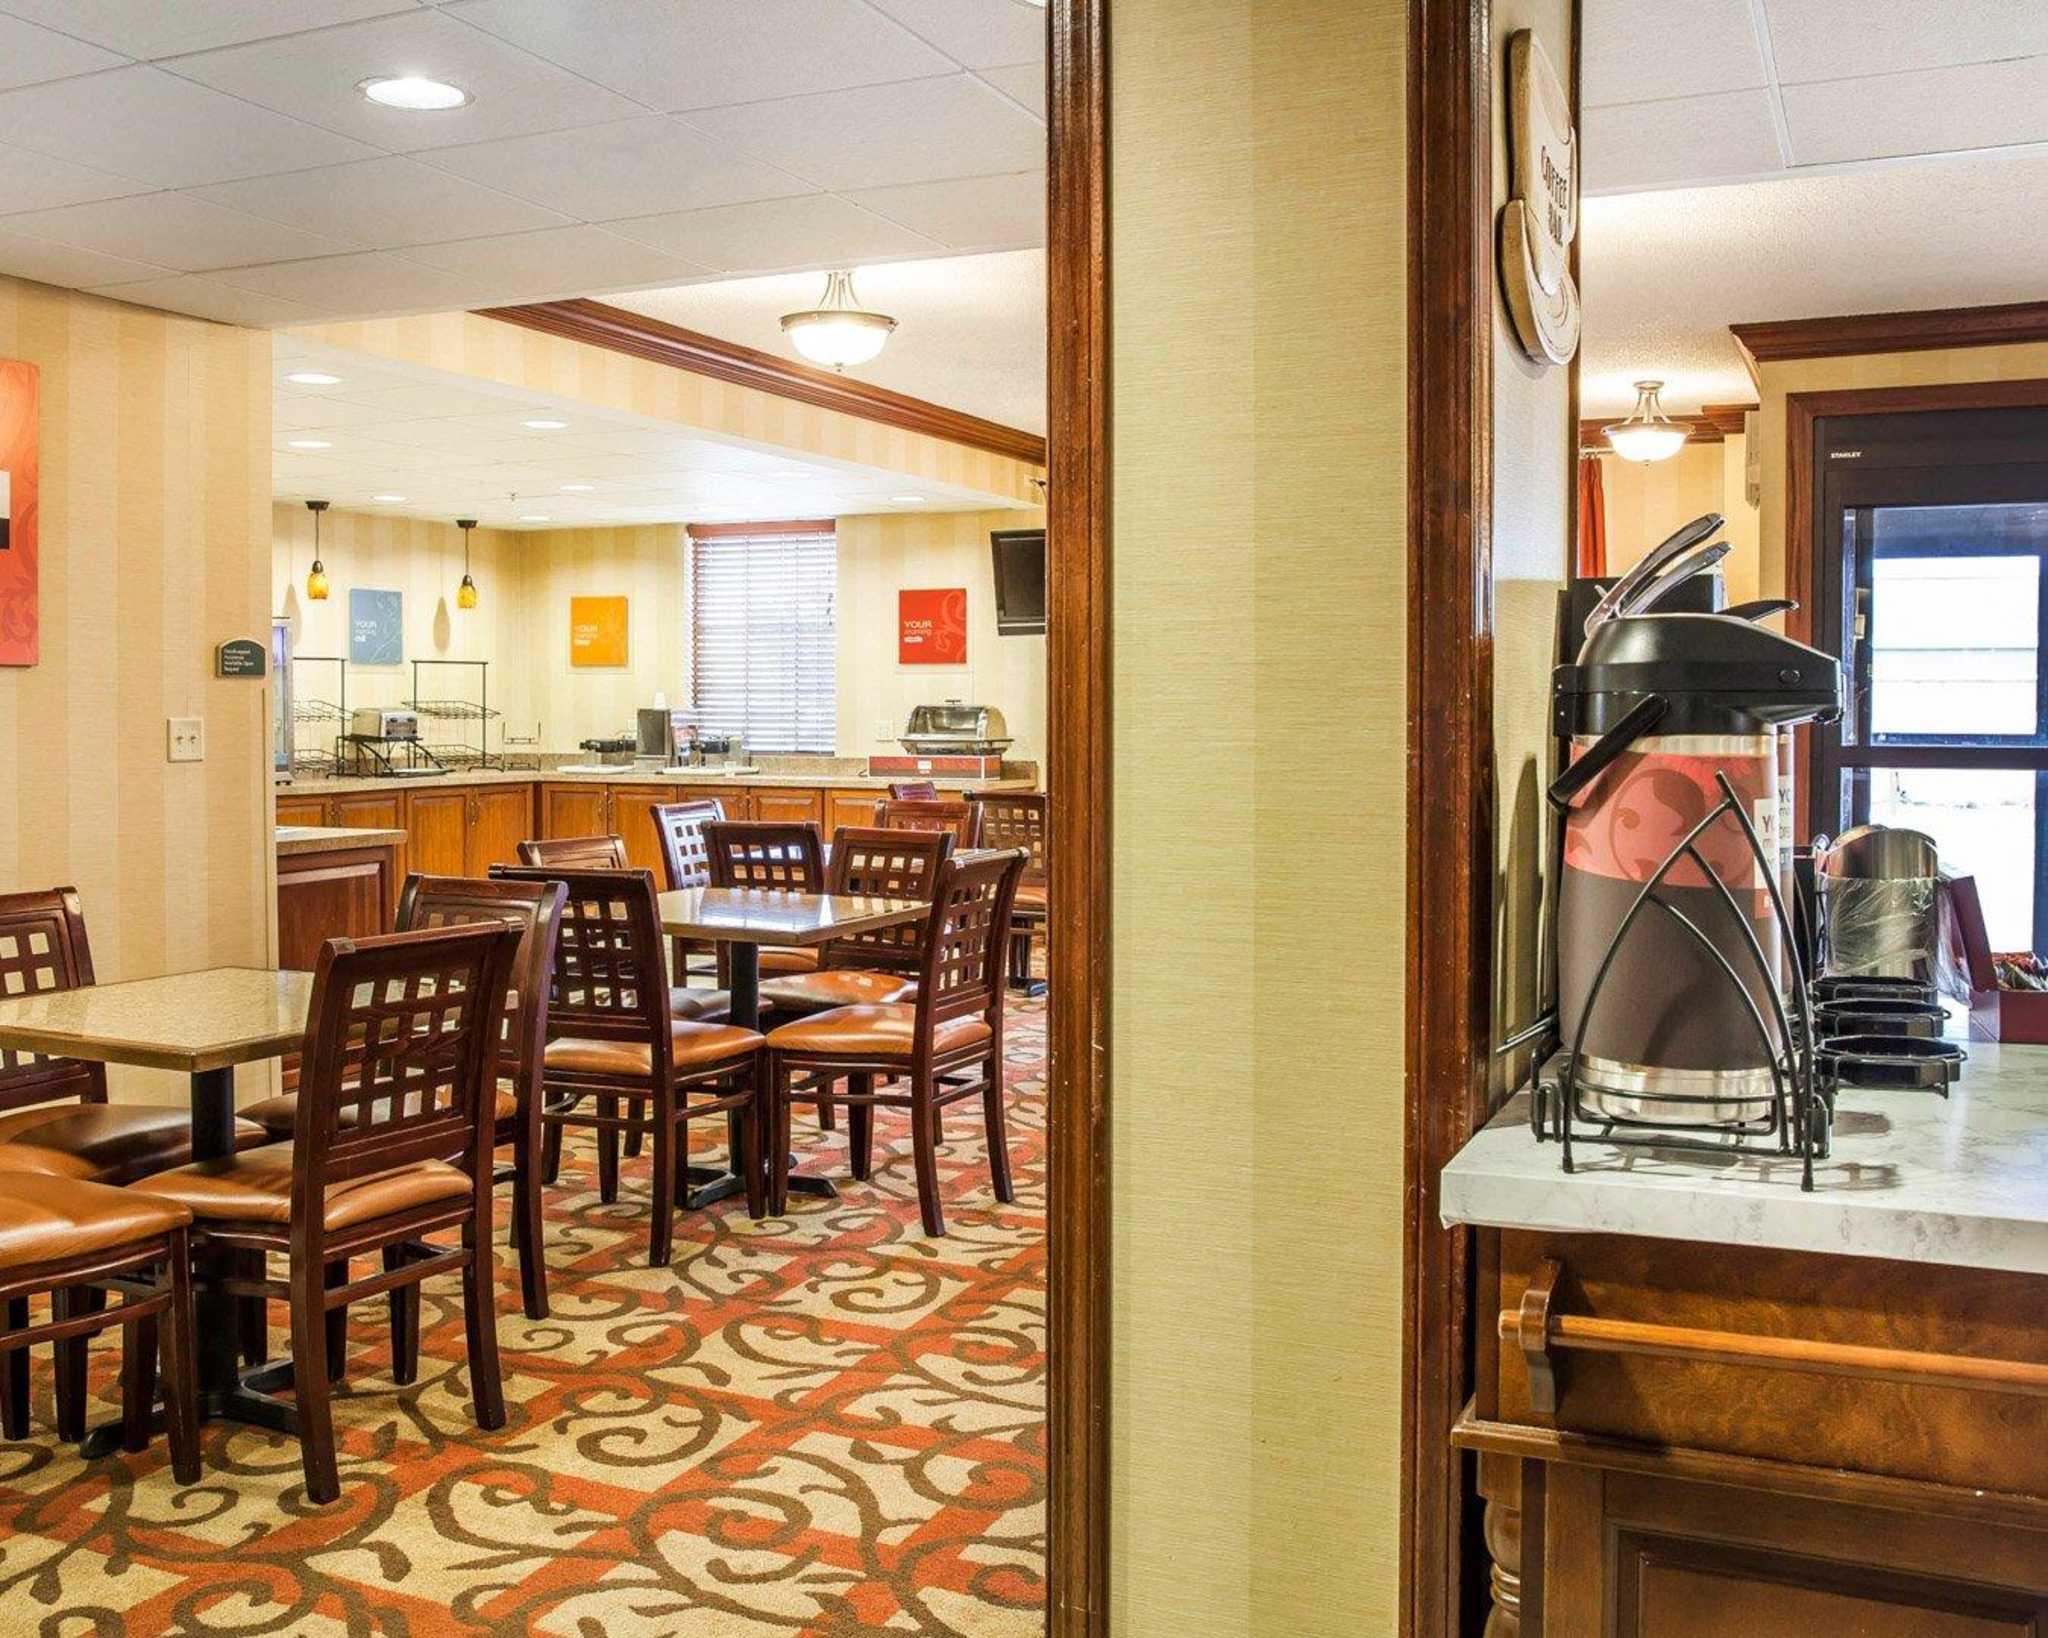 Comfort Inn & Suites Pottstown - Limerick image 22